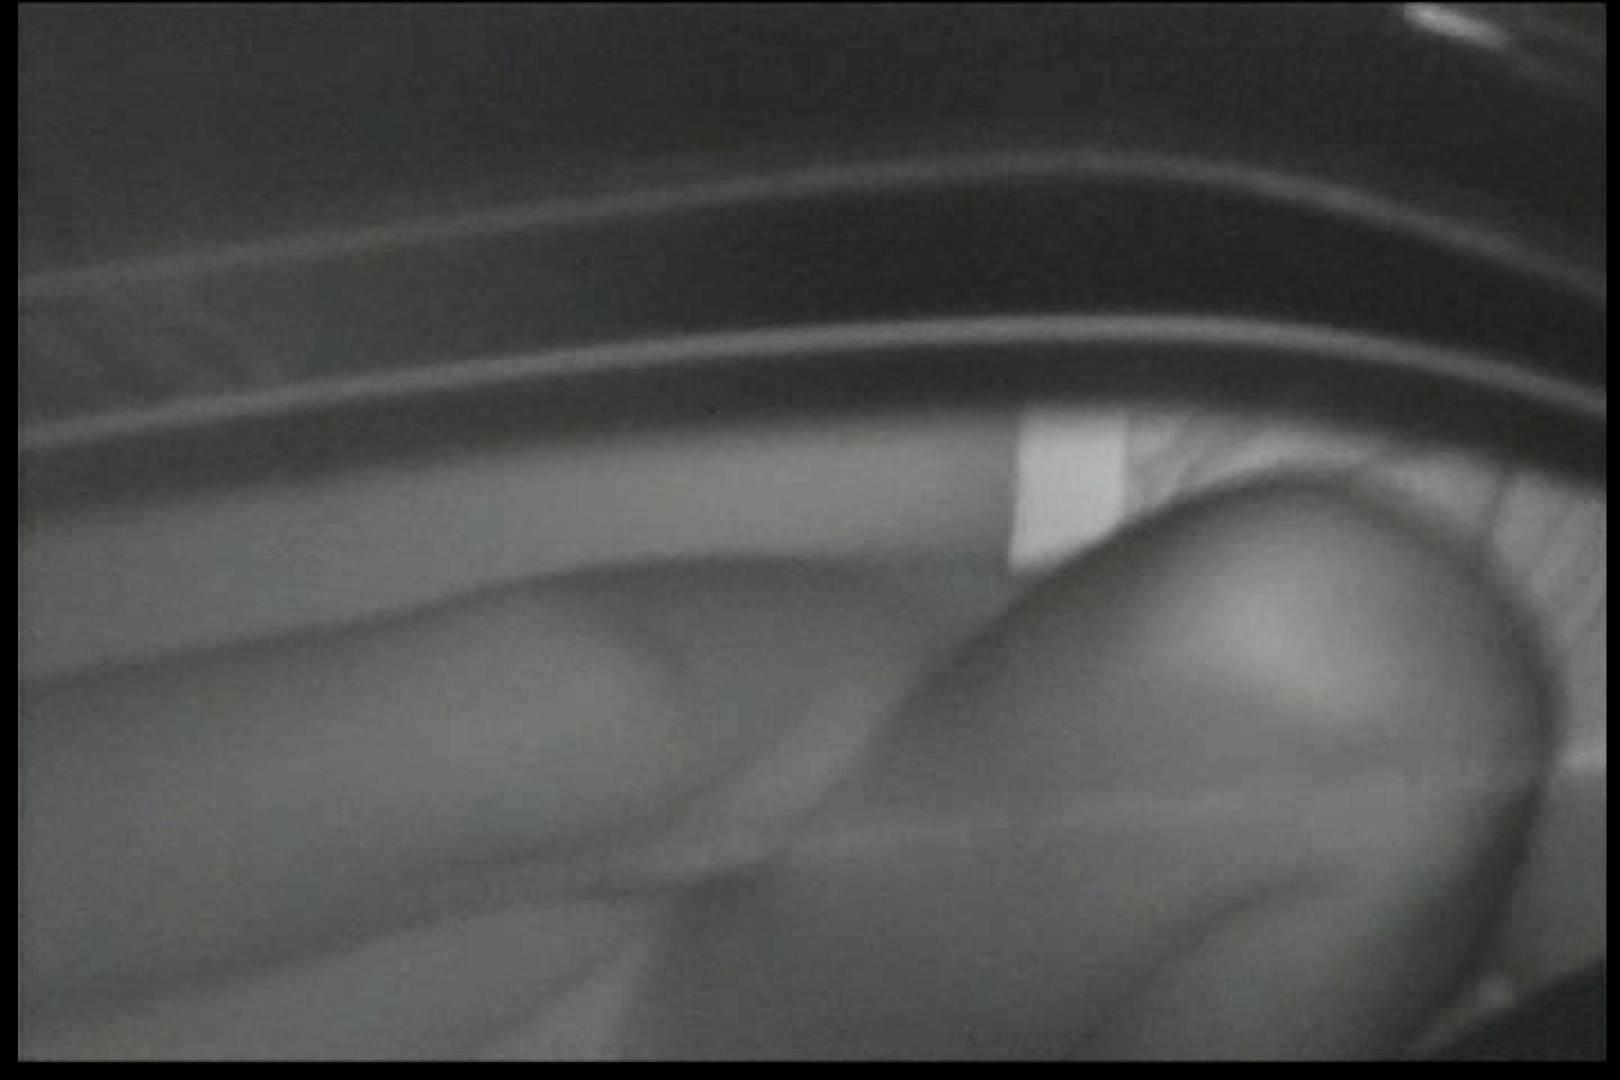 車の中はラブホテル 無修正版  Vol.12 望遠 | カップル  35pic 25